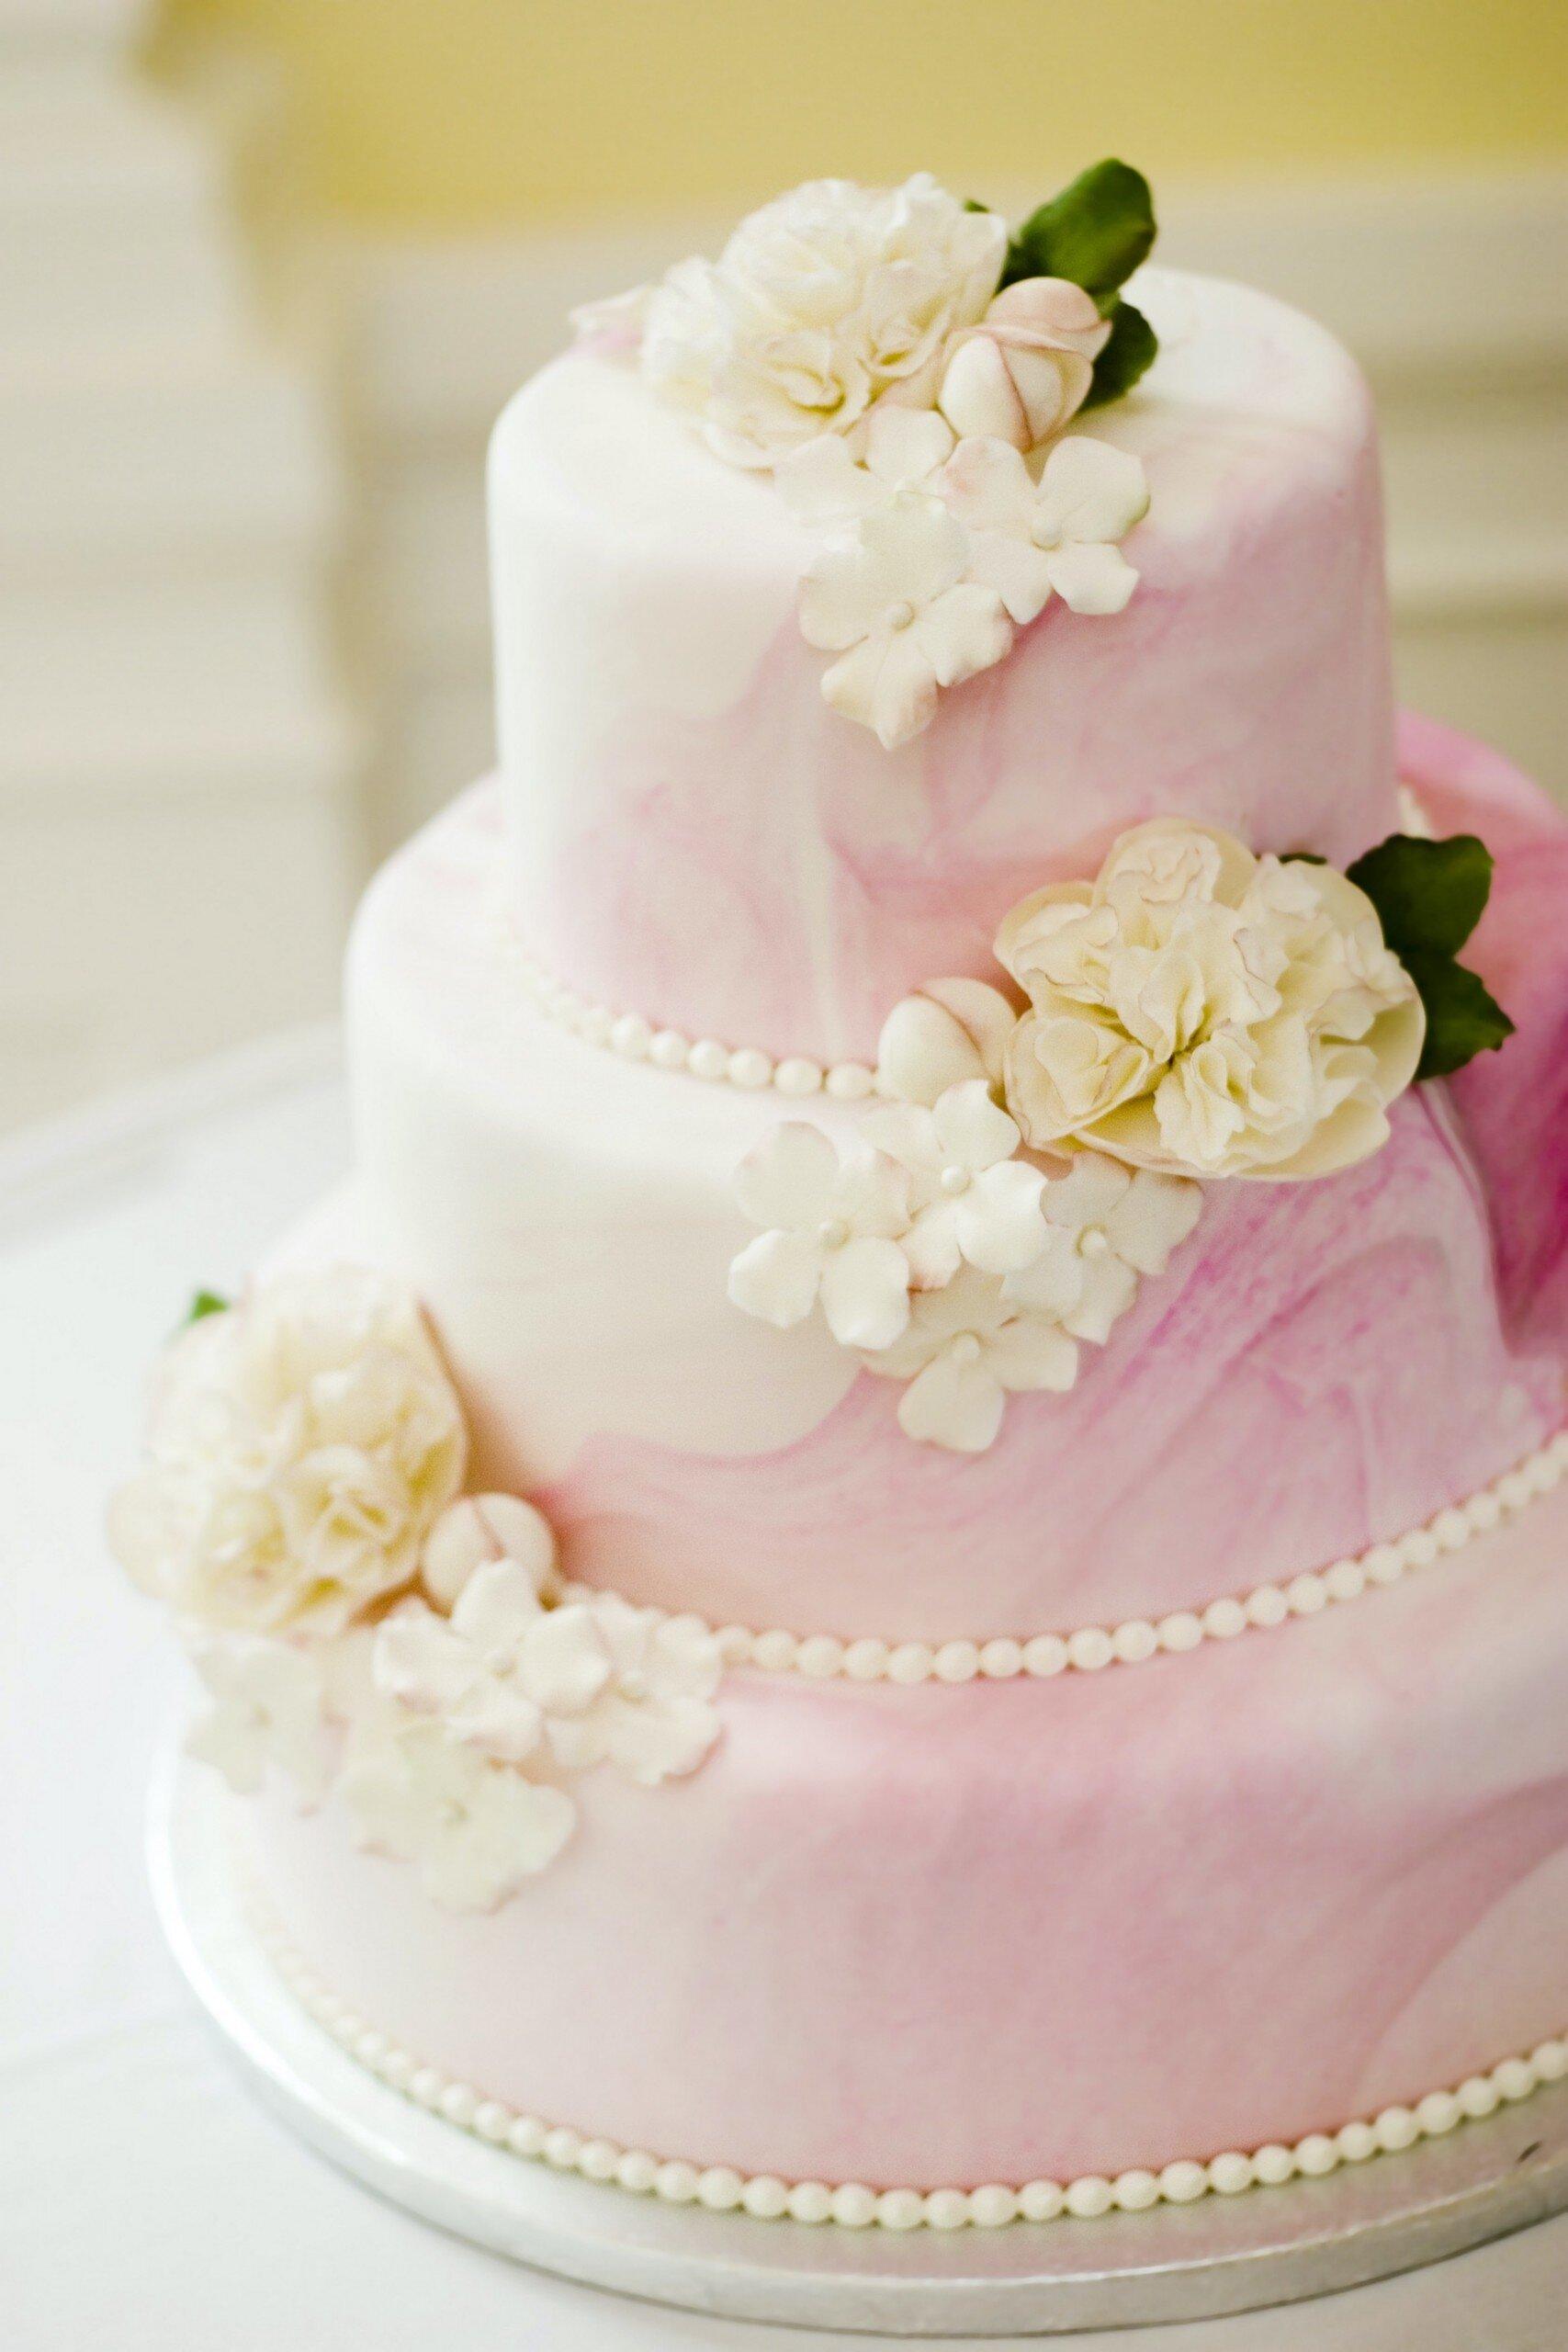 Hochzeitstorte mit Blüten aus Buttercreme